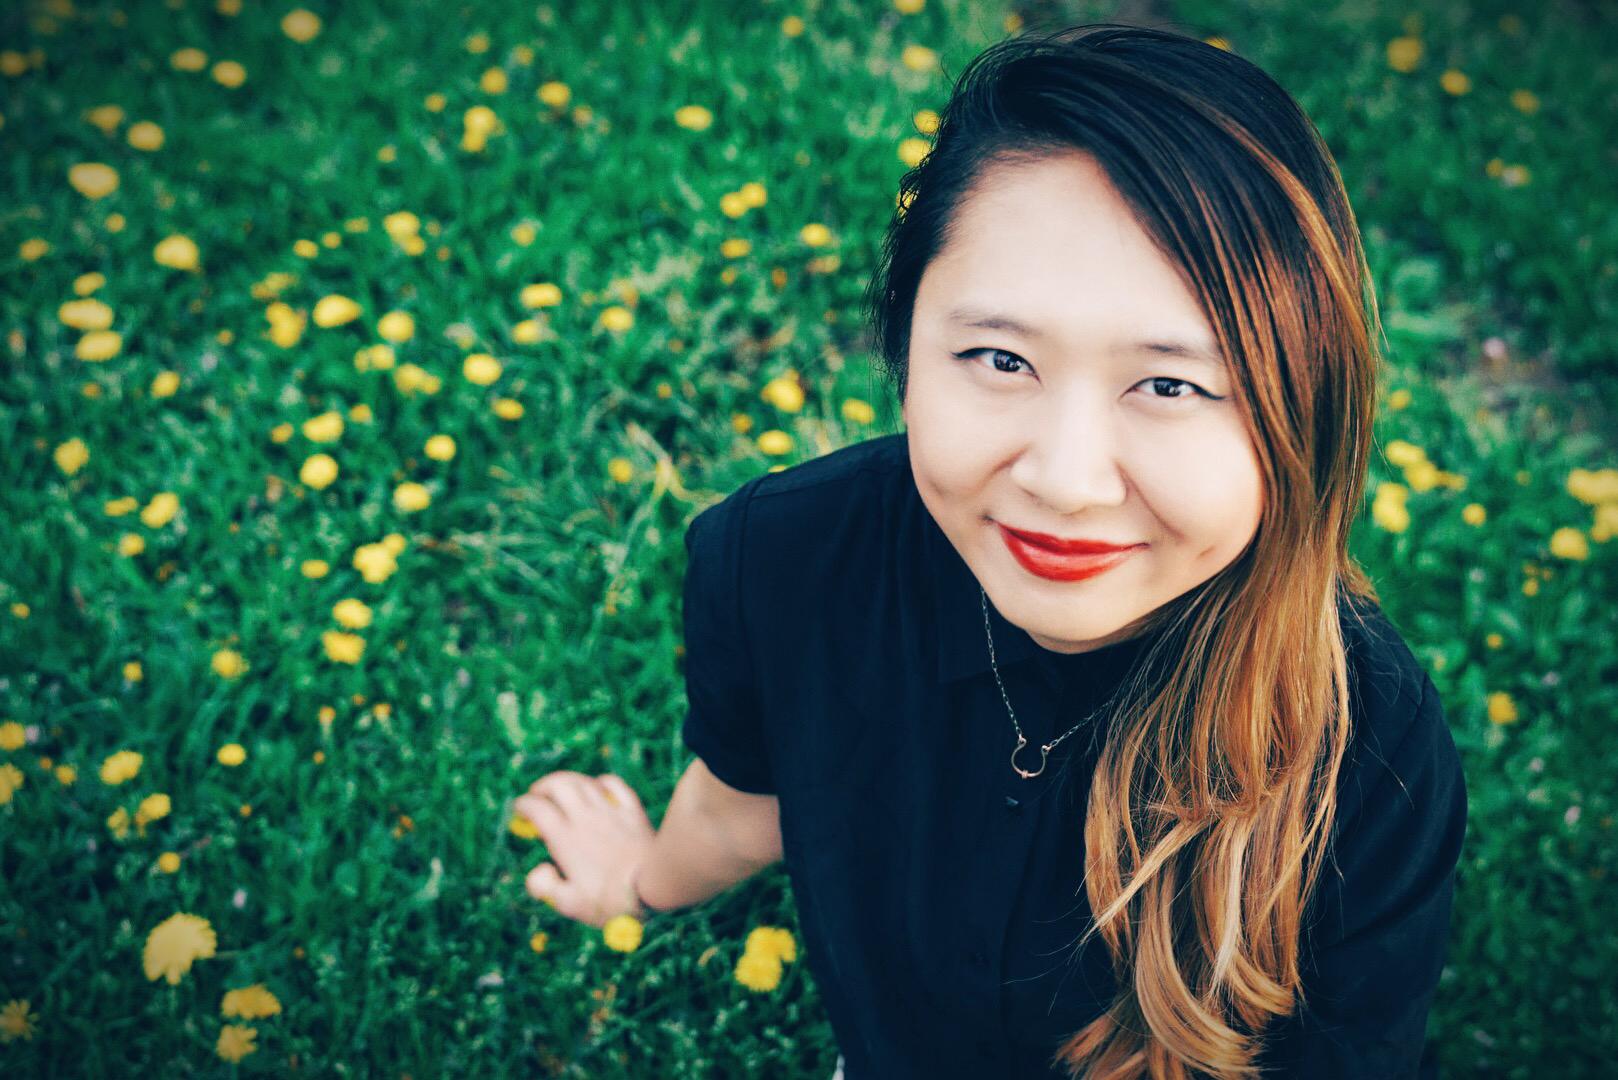 Sally wen mao passport hires